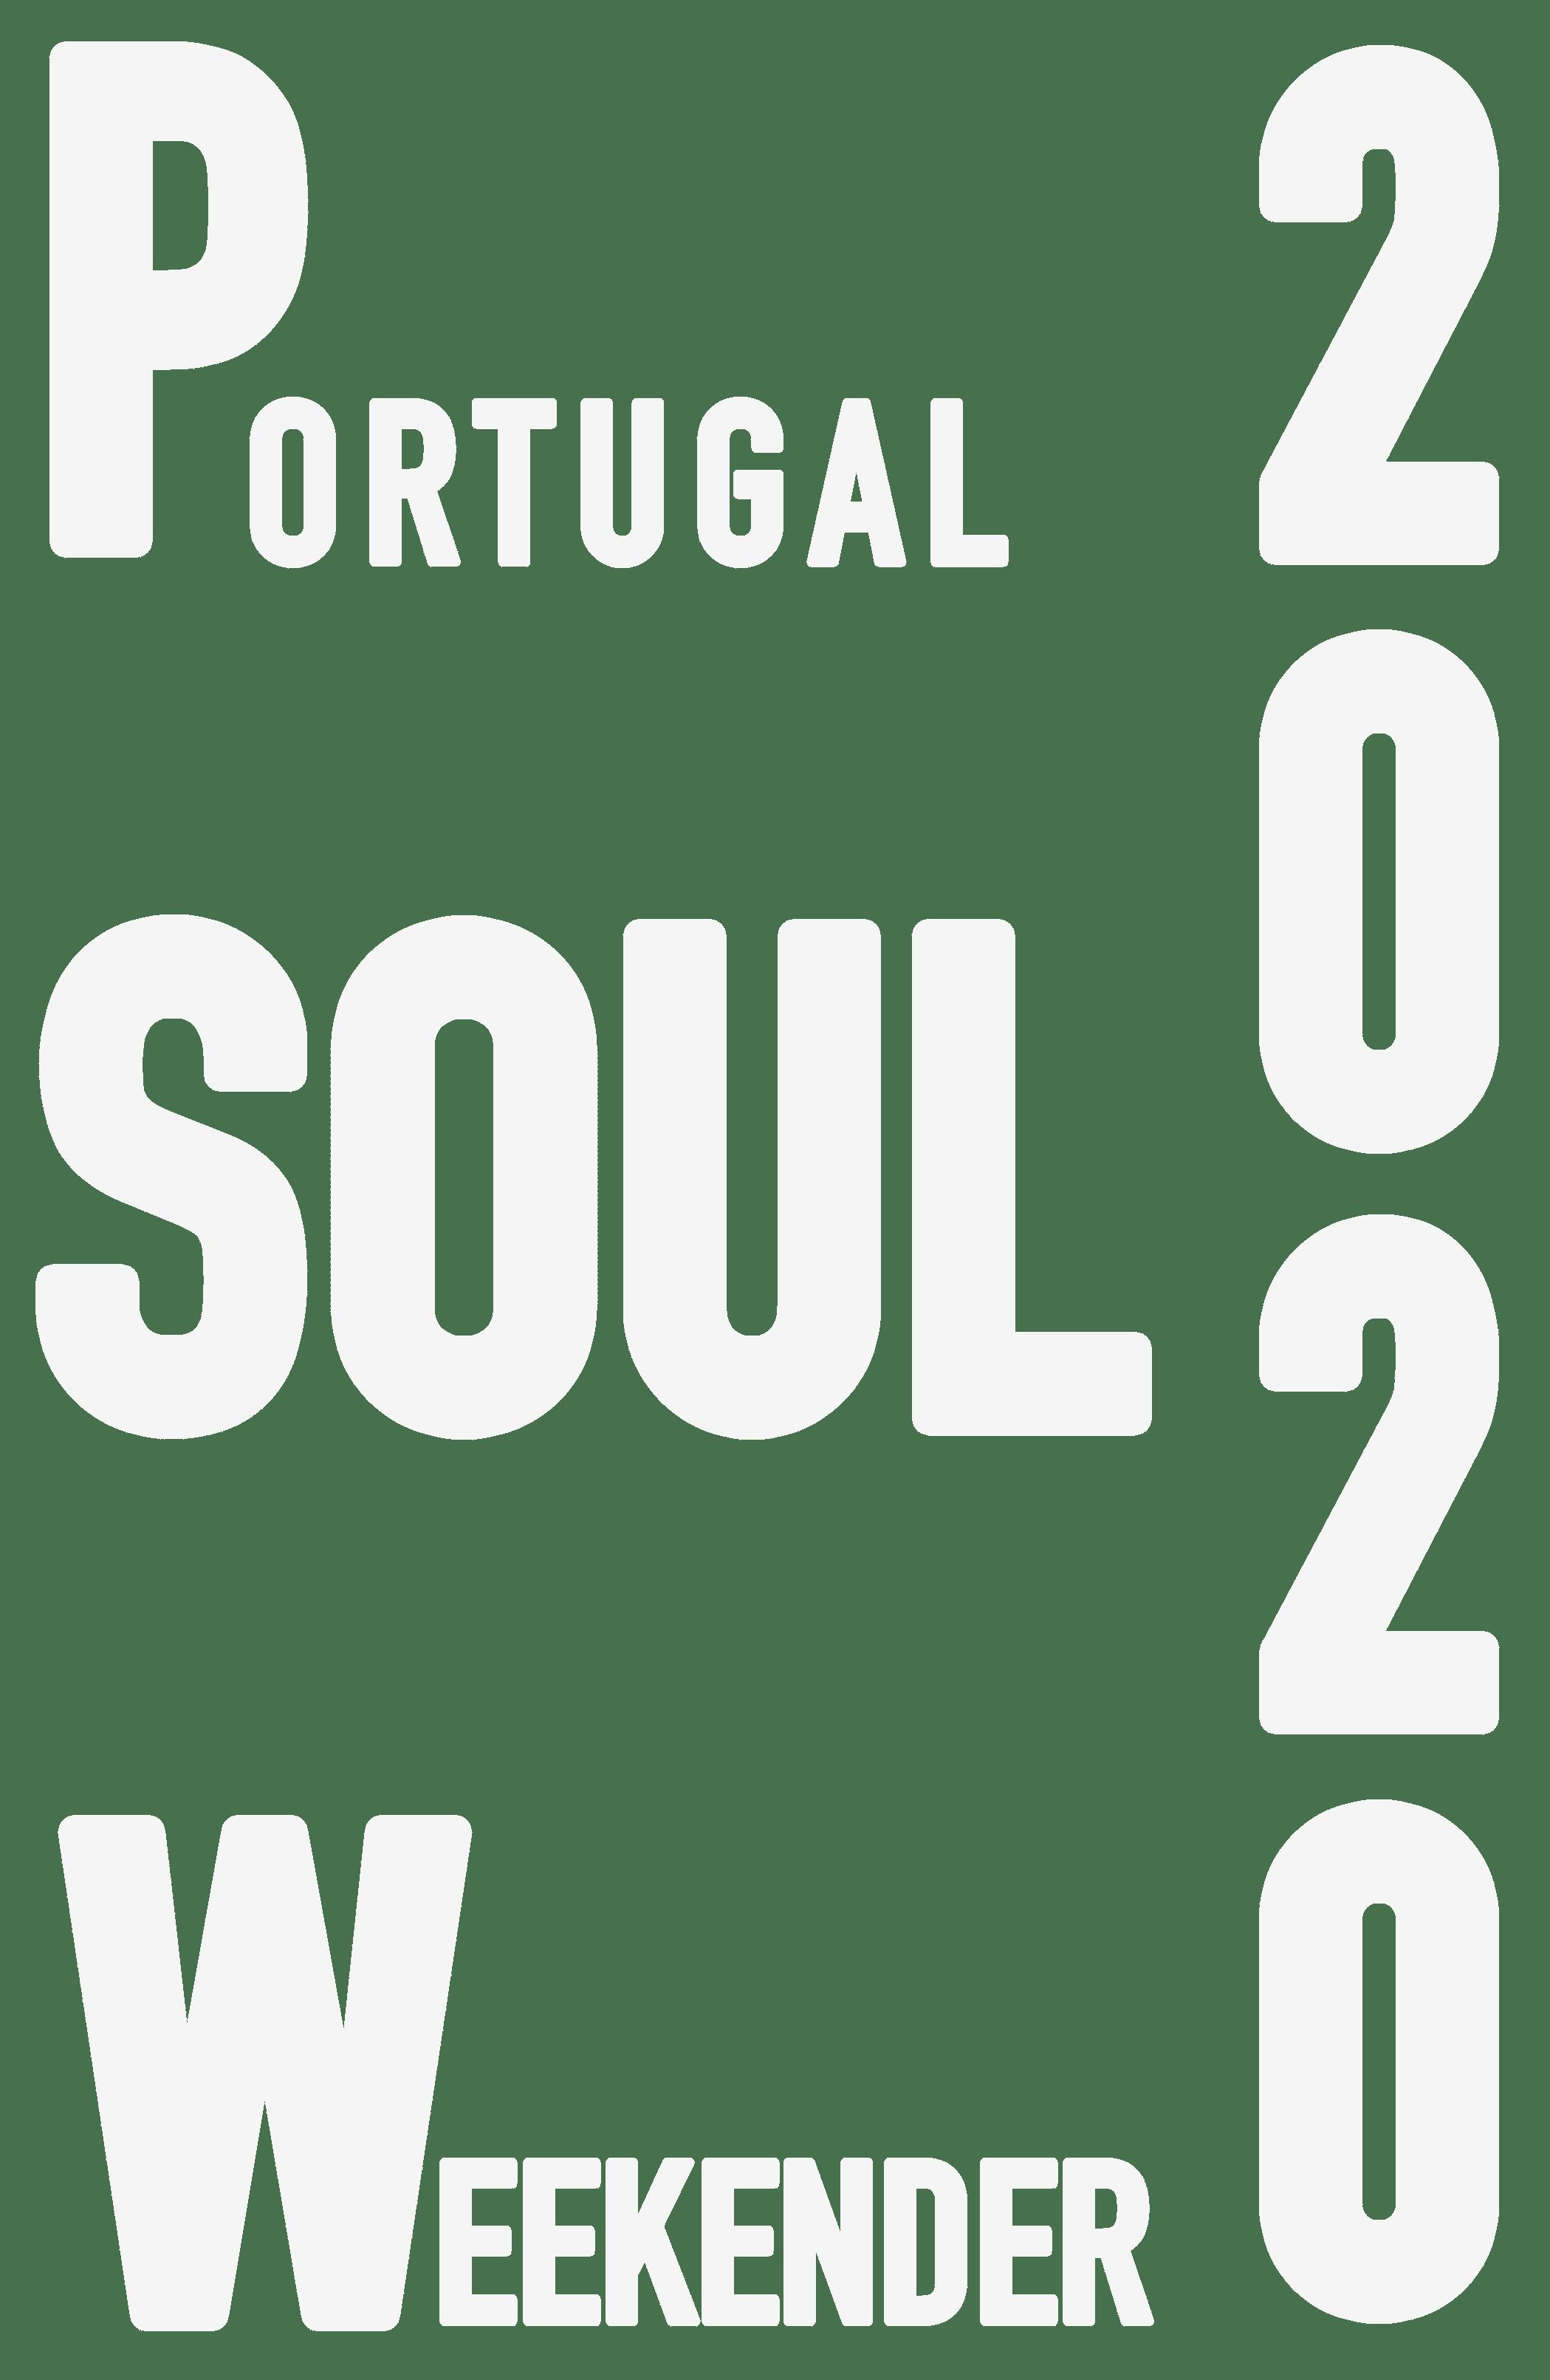 Portugal-soul-weekender-logo-new-8